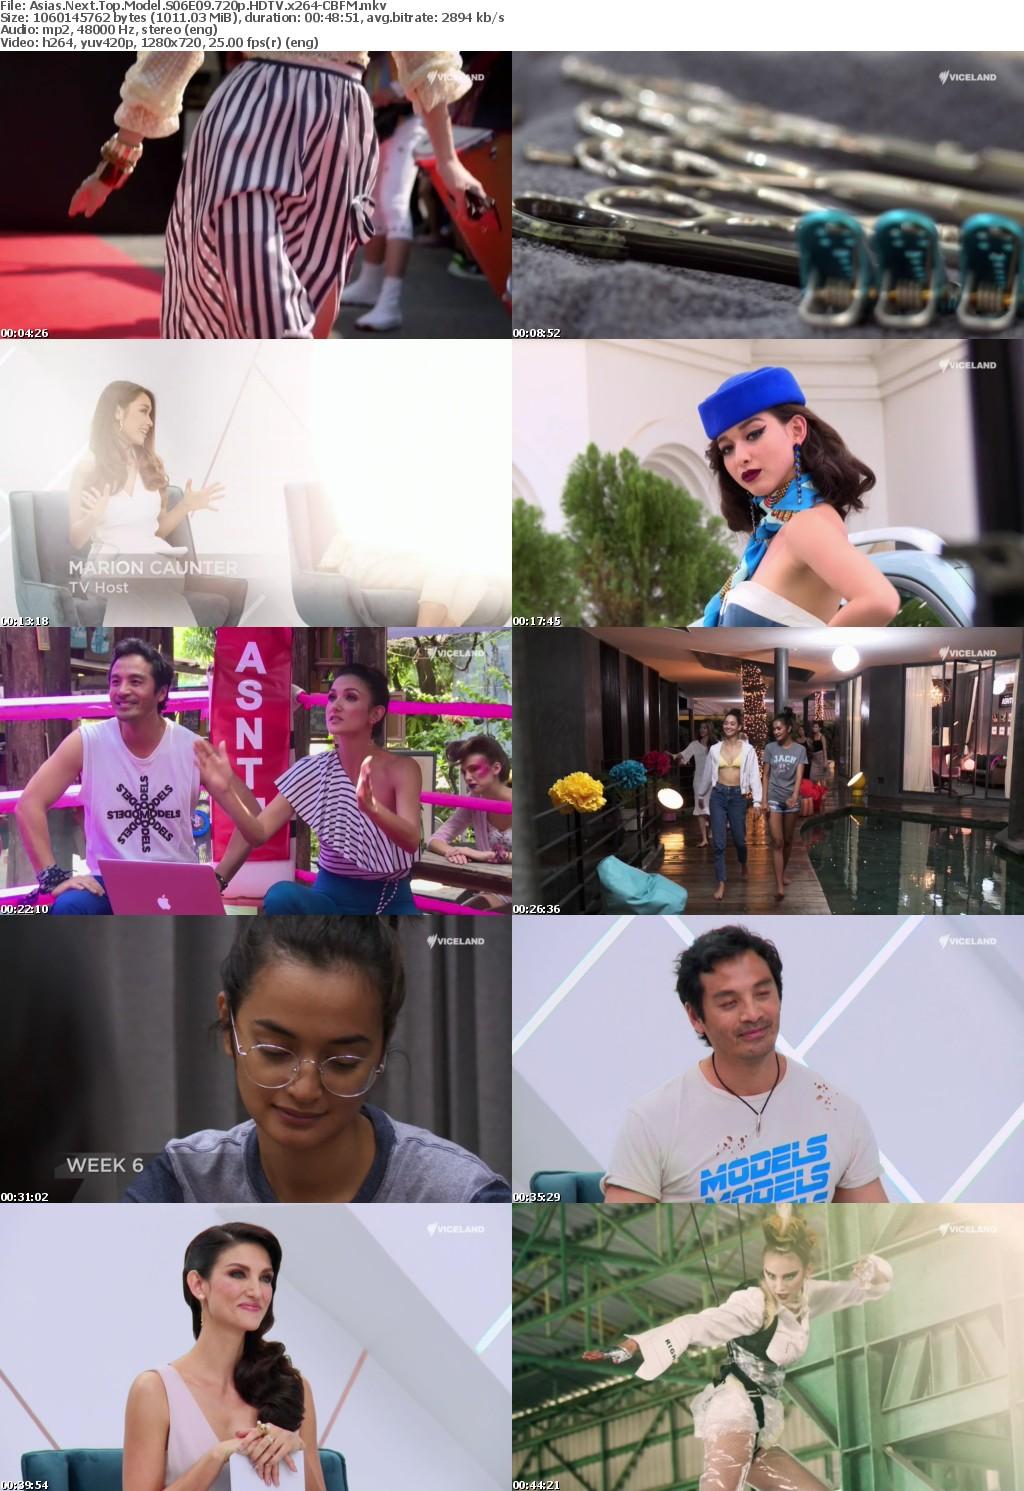 Asias Next Top Model S06E09 720p HDTV x264-CBFM